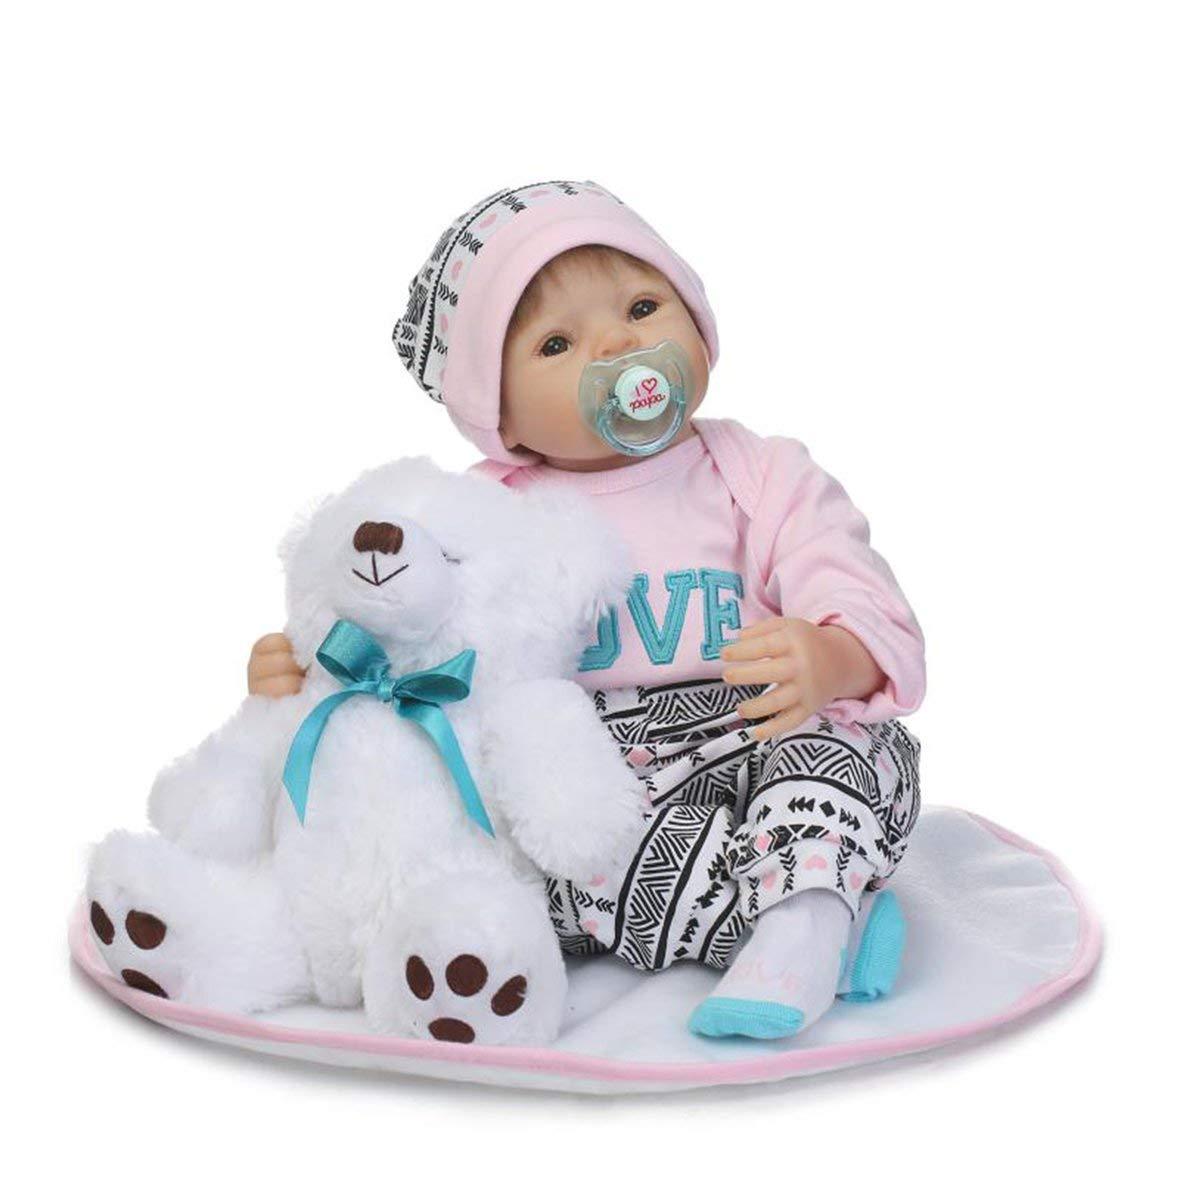 almacén al por mayor Moreaulun 19.68inch Silicone Reborn Reborn Reborn Baby Dolls Sleeping Acompanying Realistic Dolls  oferta especial